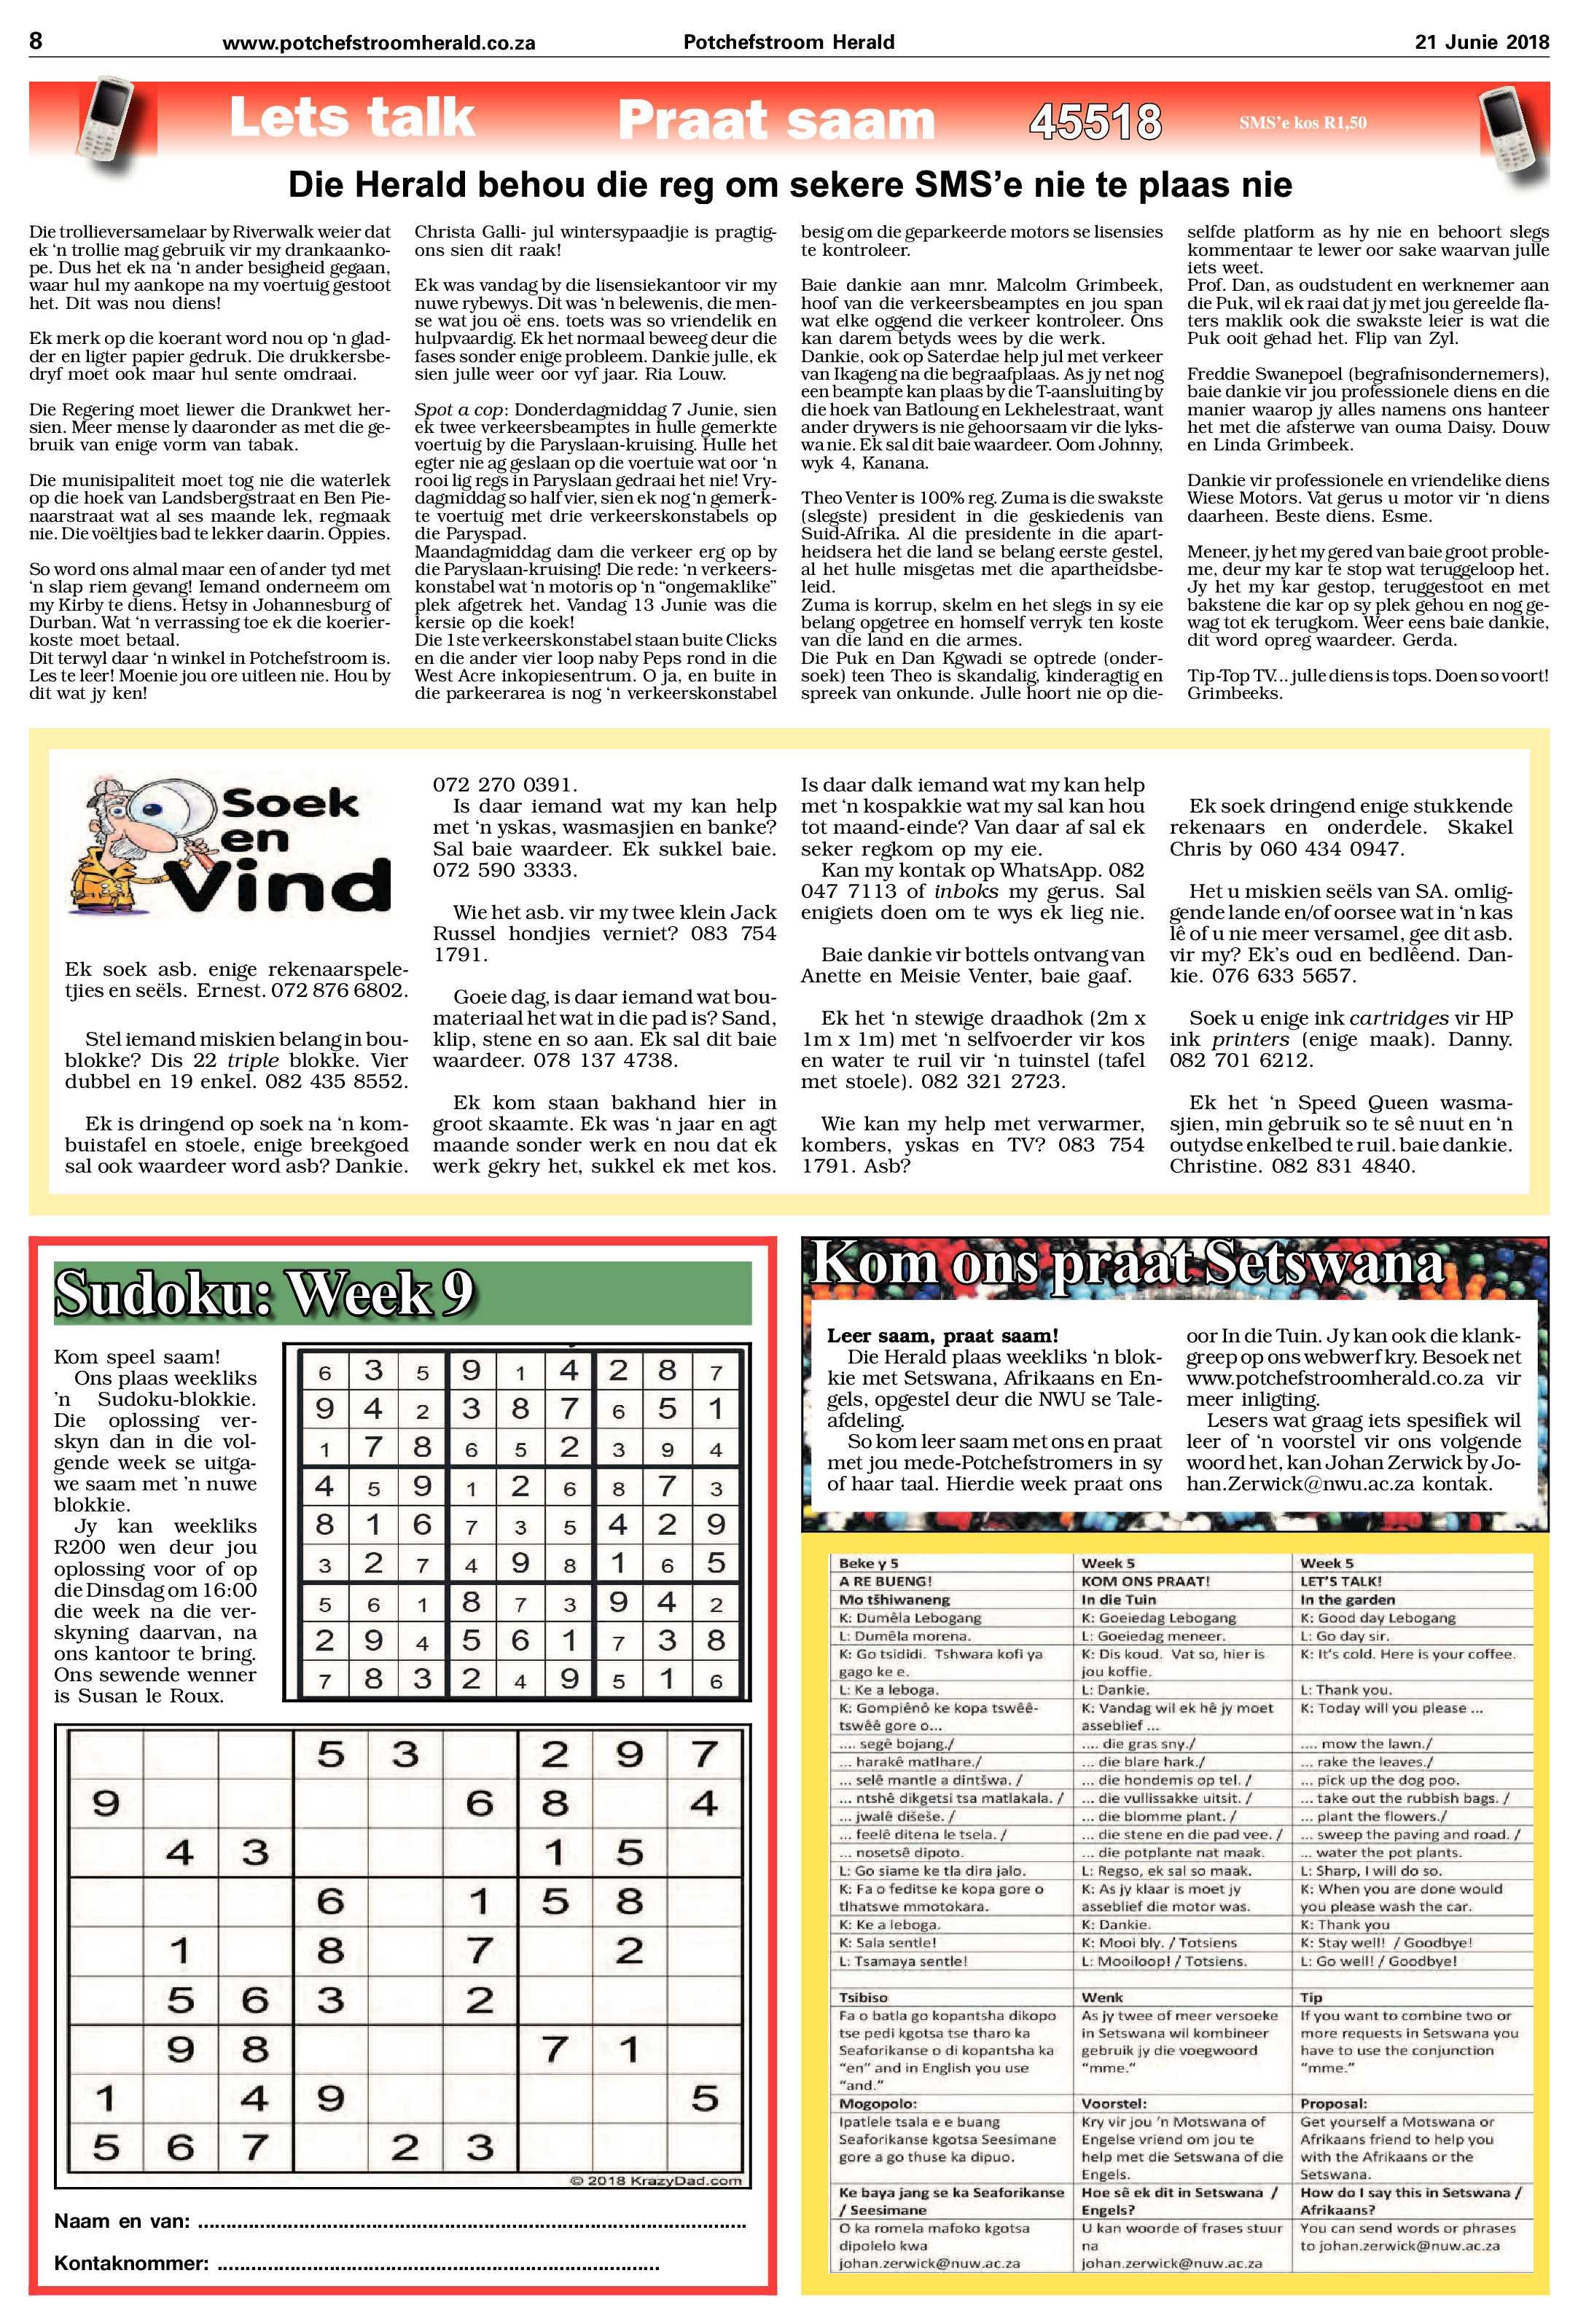 21-junie-2018-epapers-page-8